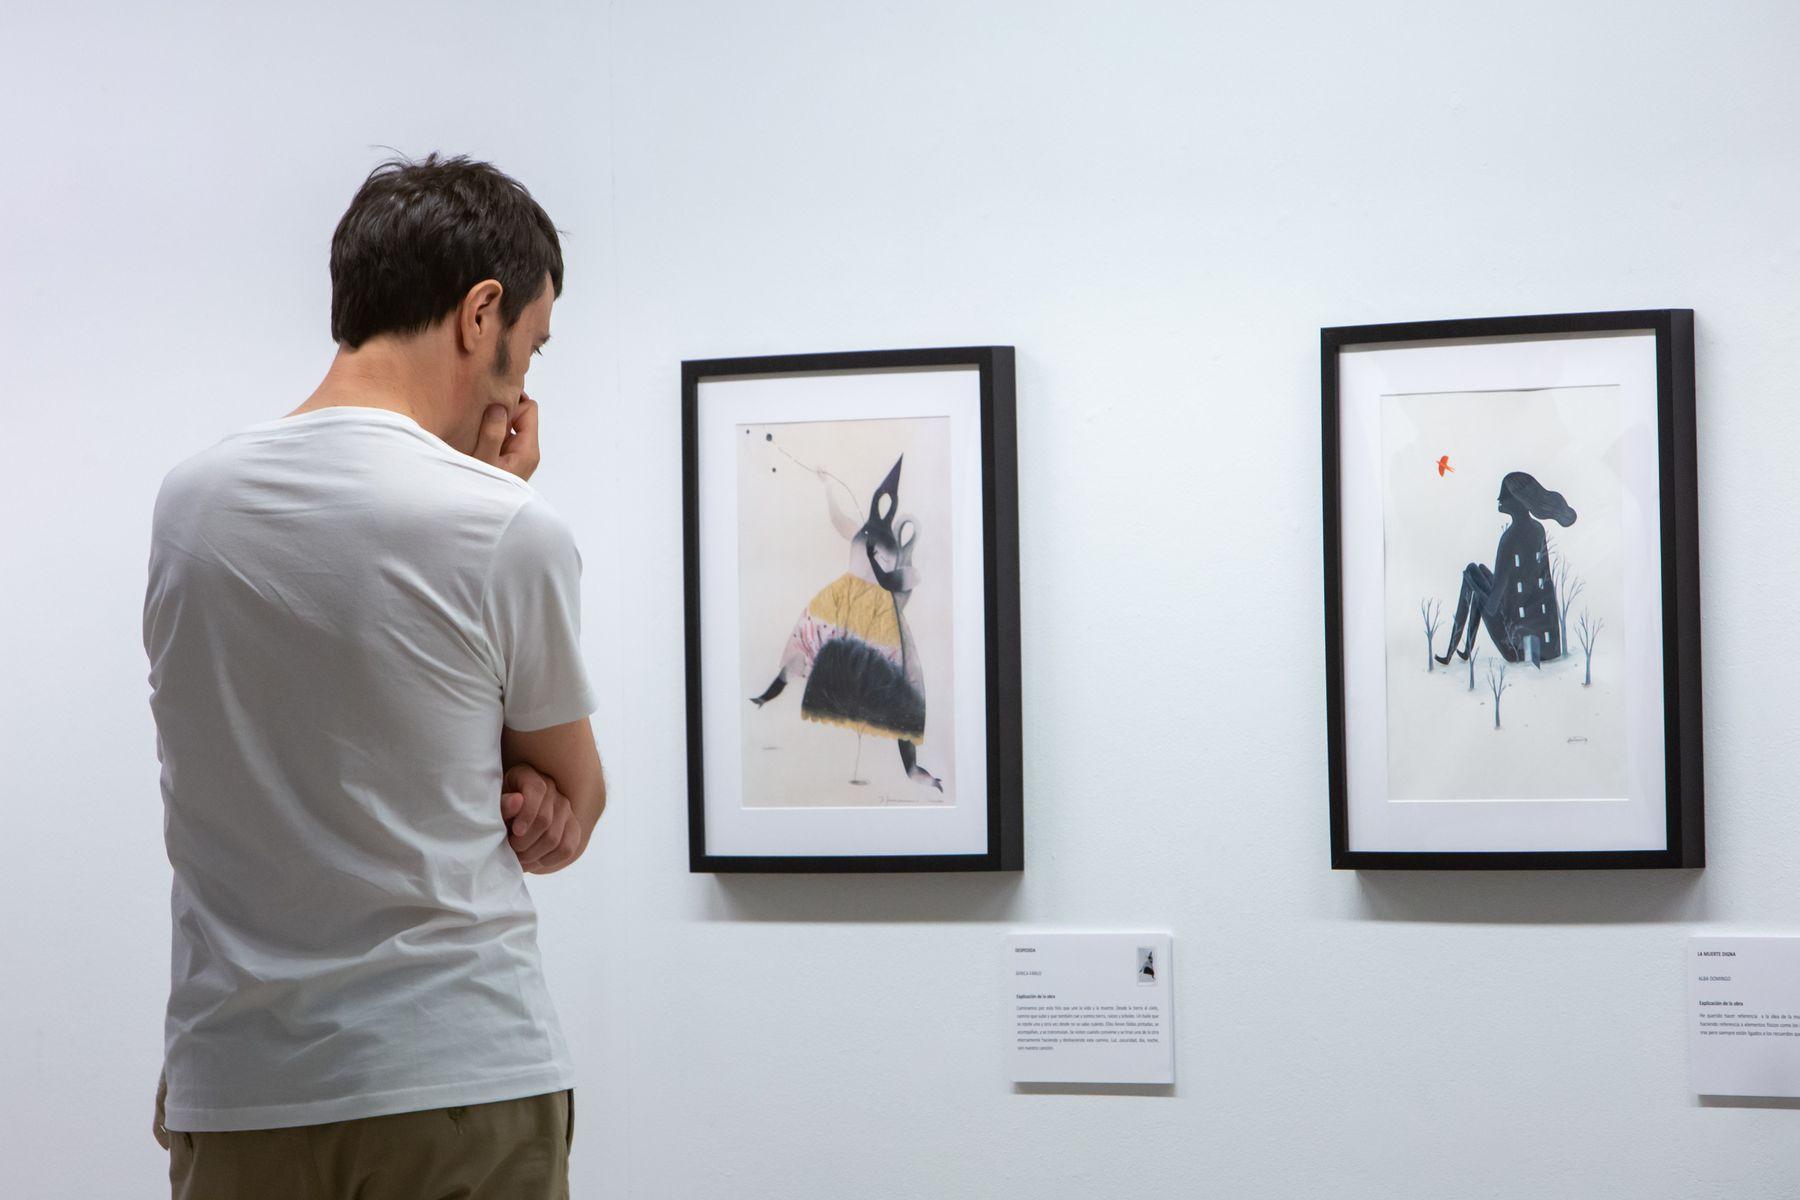 Una persona observa las imágenes de la exposición.